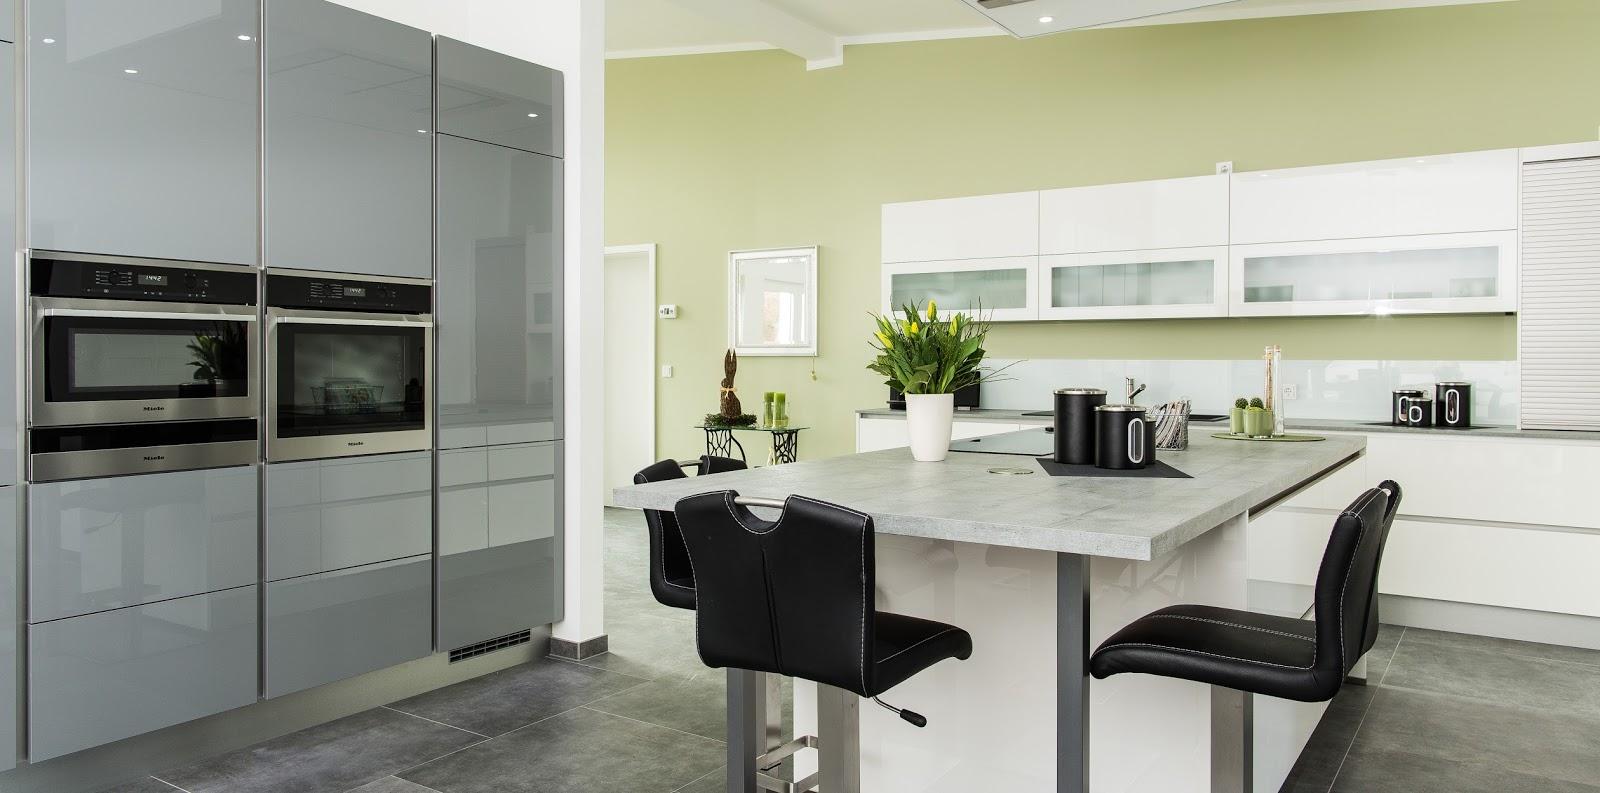 küchen aktuell braunschweig verkaufsoffener sonntag - Home Creation